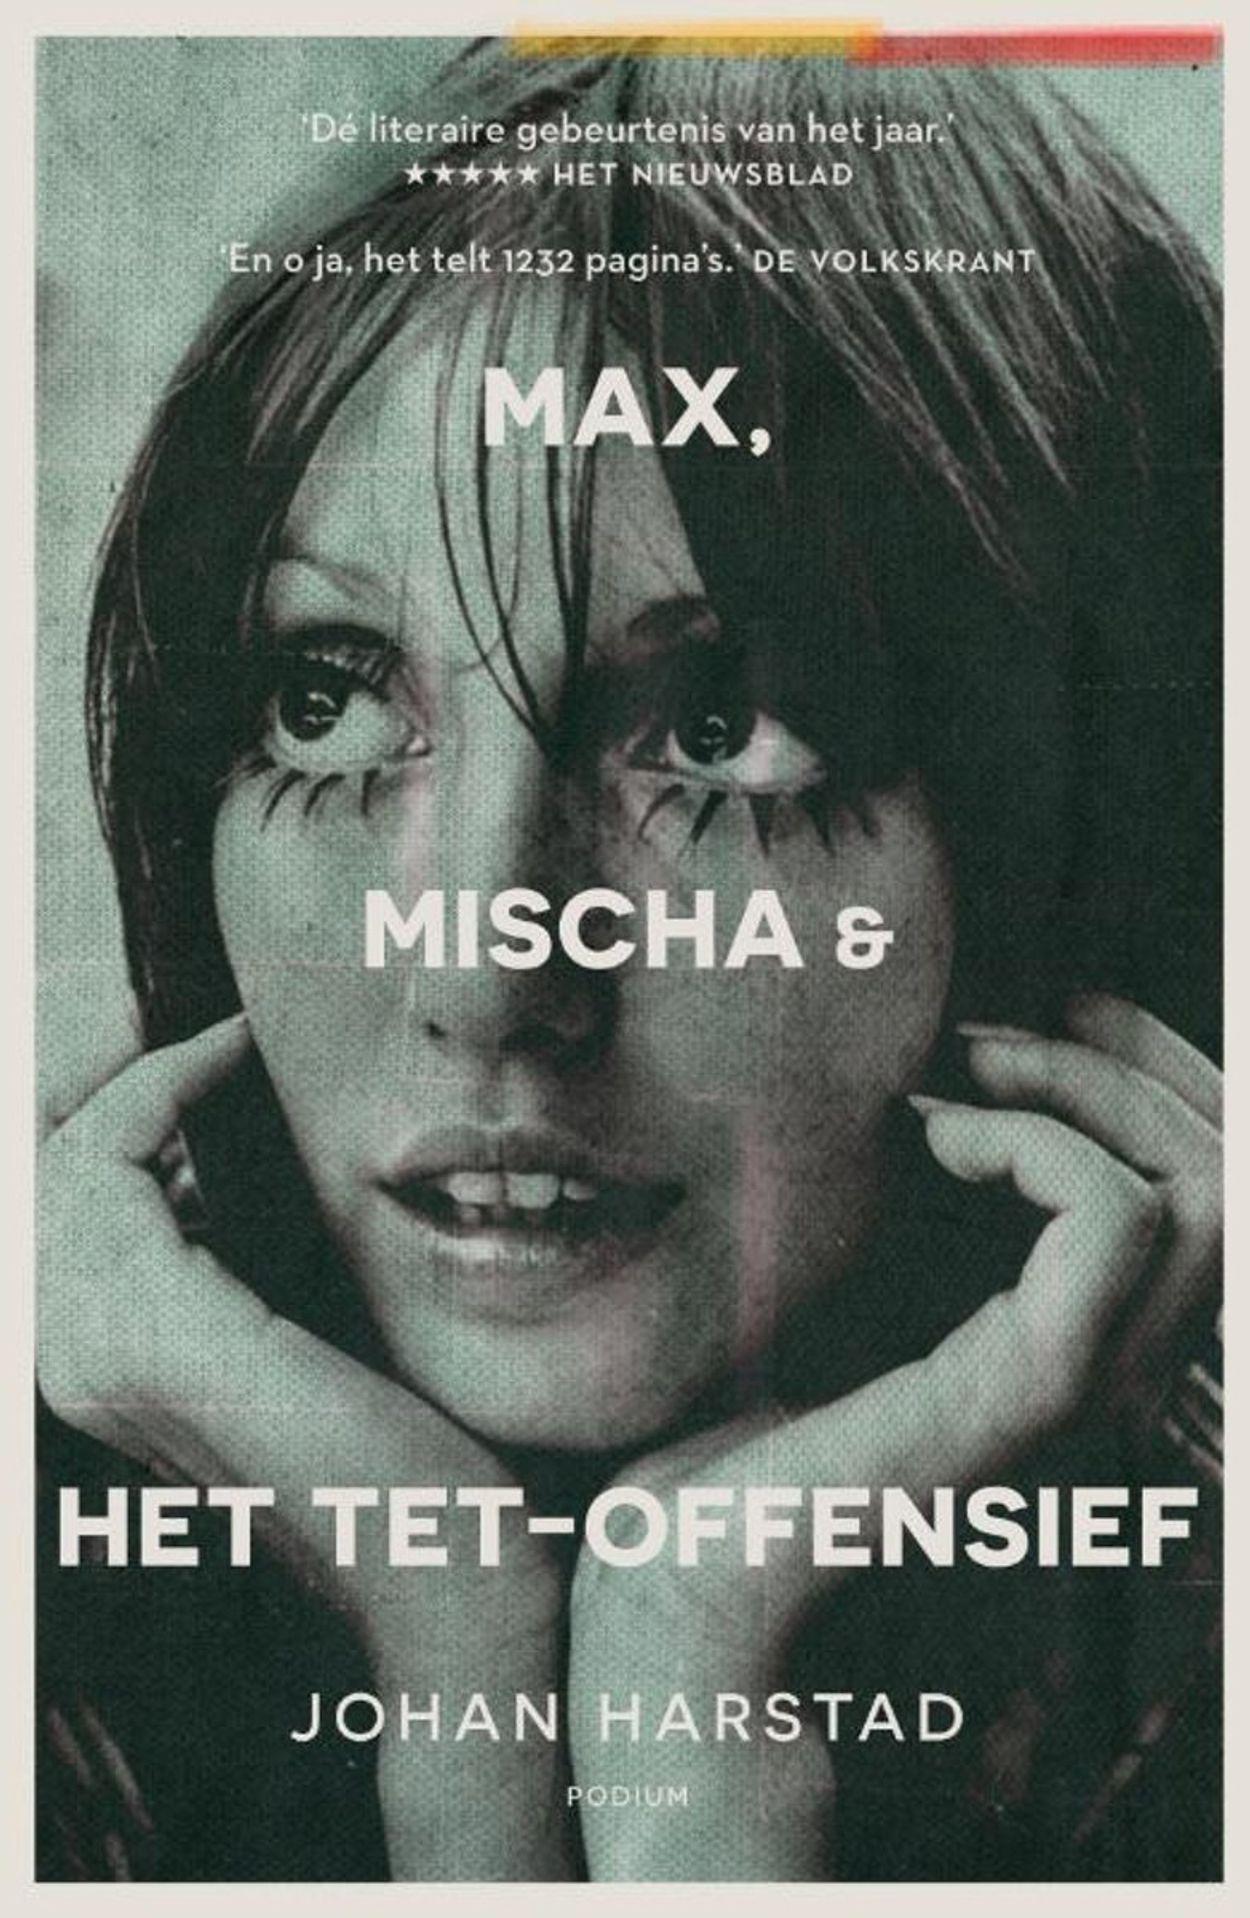 Max Mischa